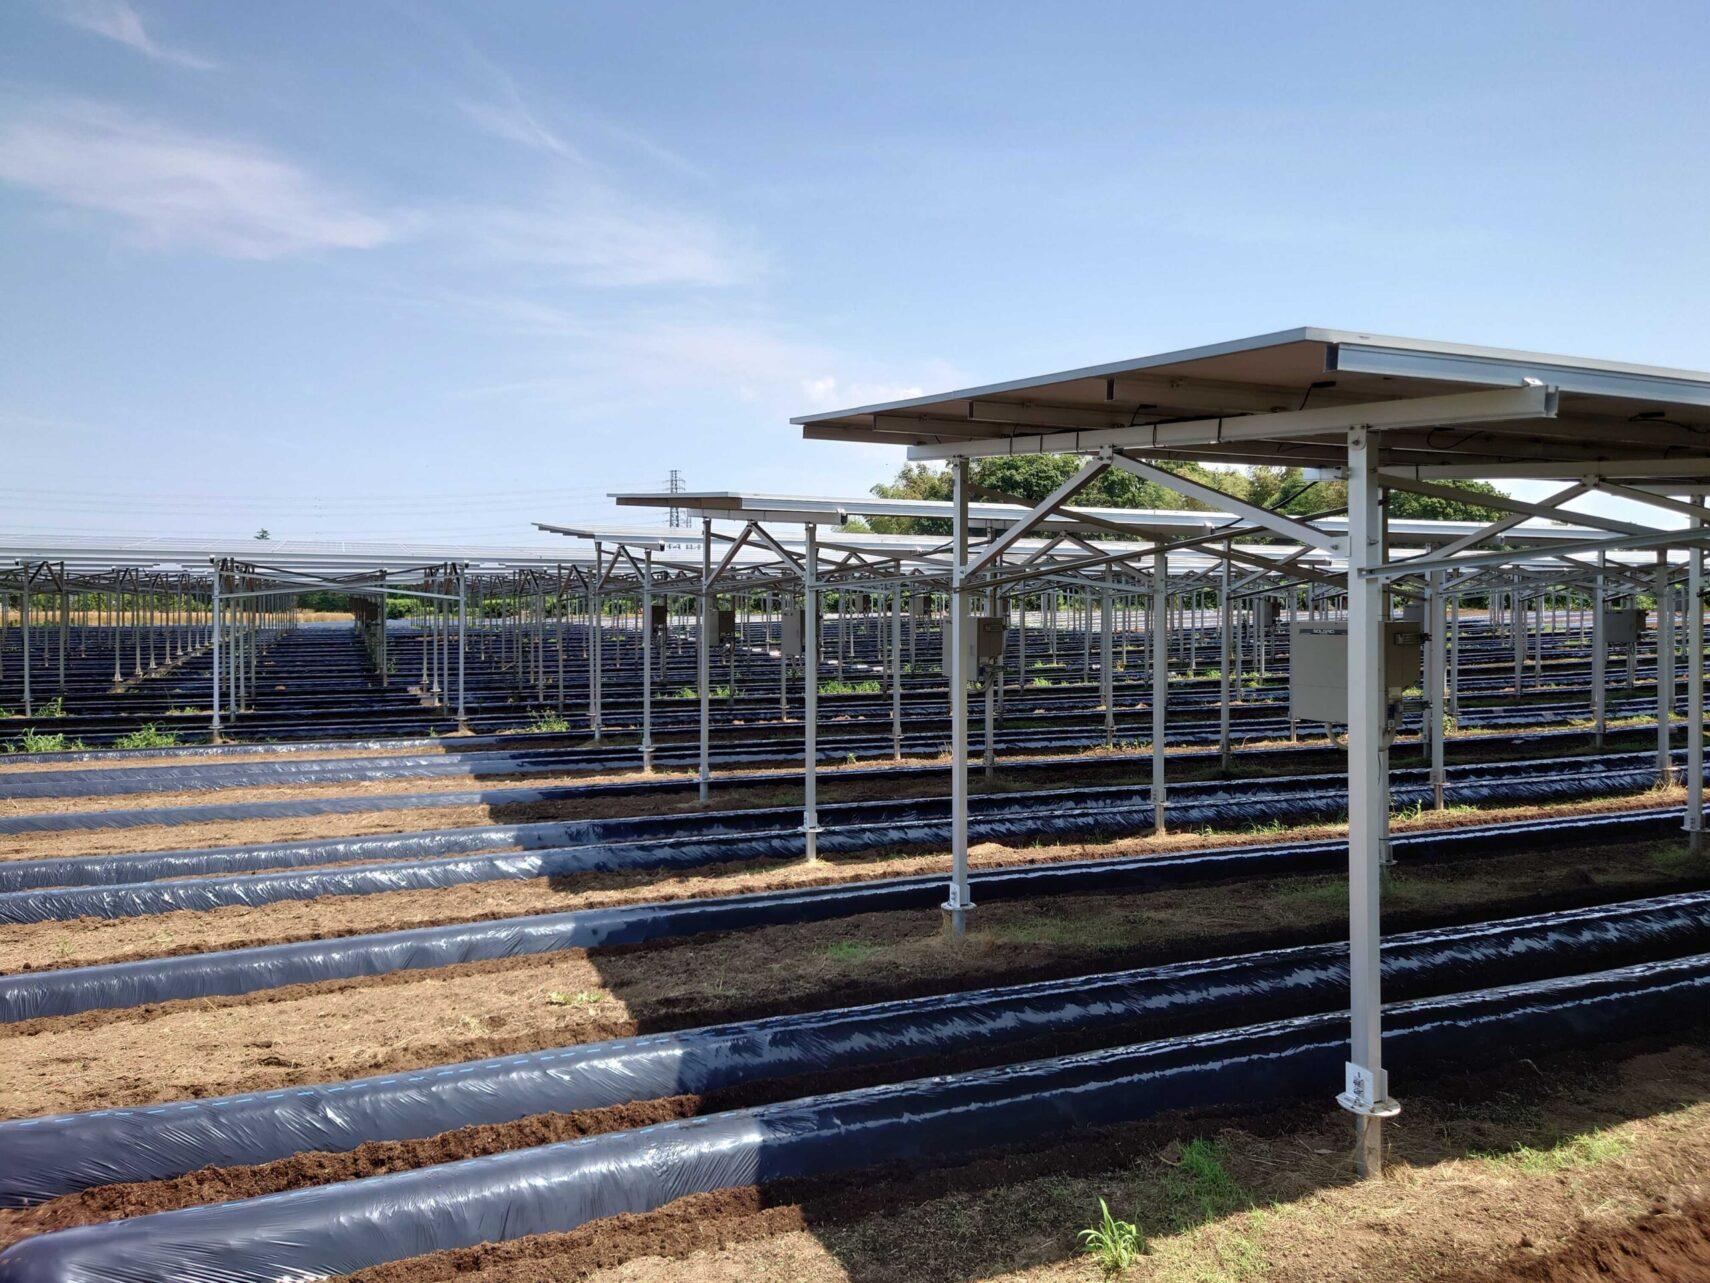 千葉県富里市にあるソーラーシェアリングの施設の写真